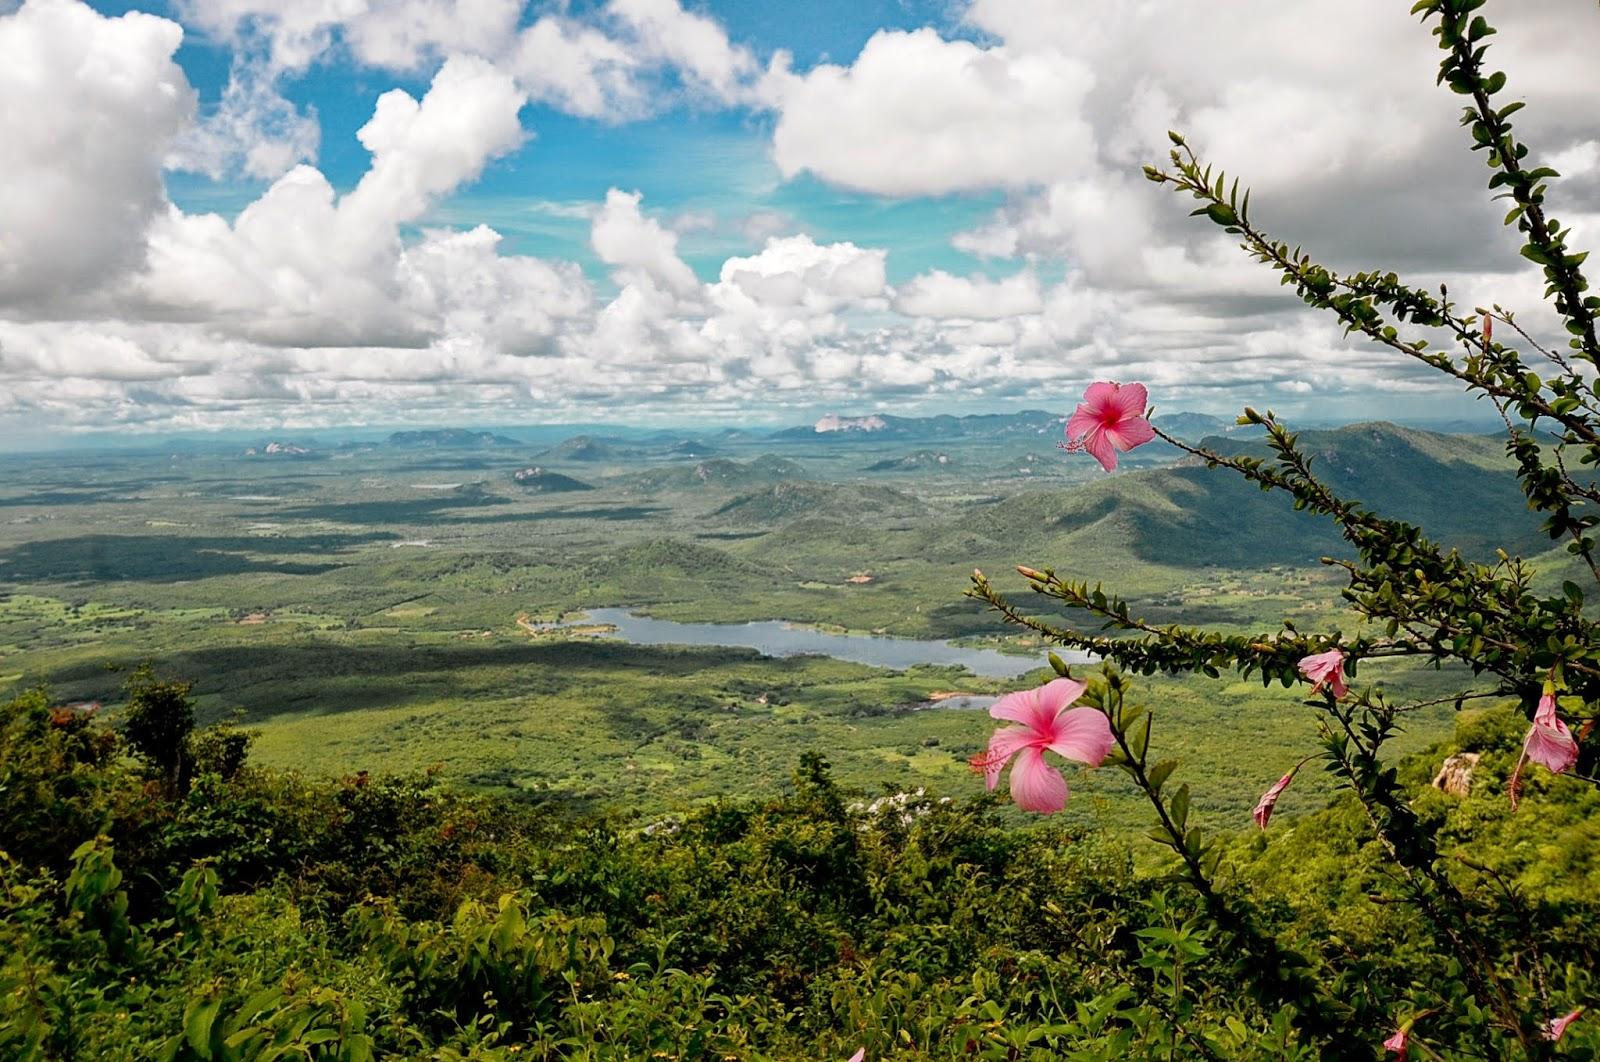 Serras potiguares: 15 paraísos que você precisa conhecer!